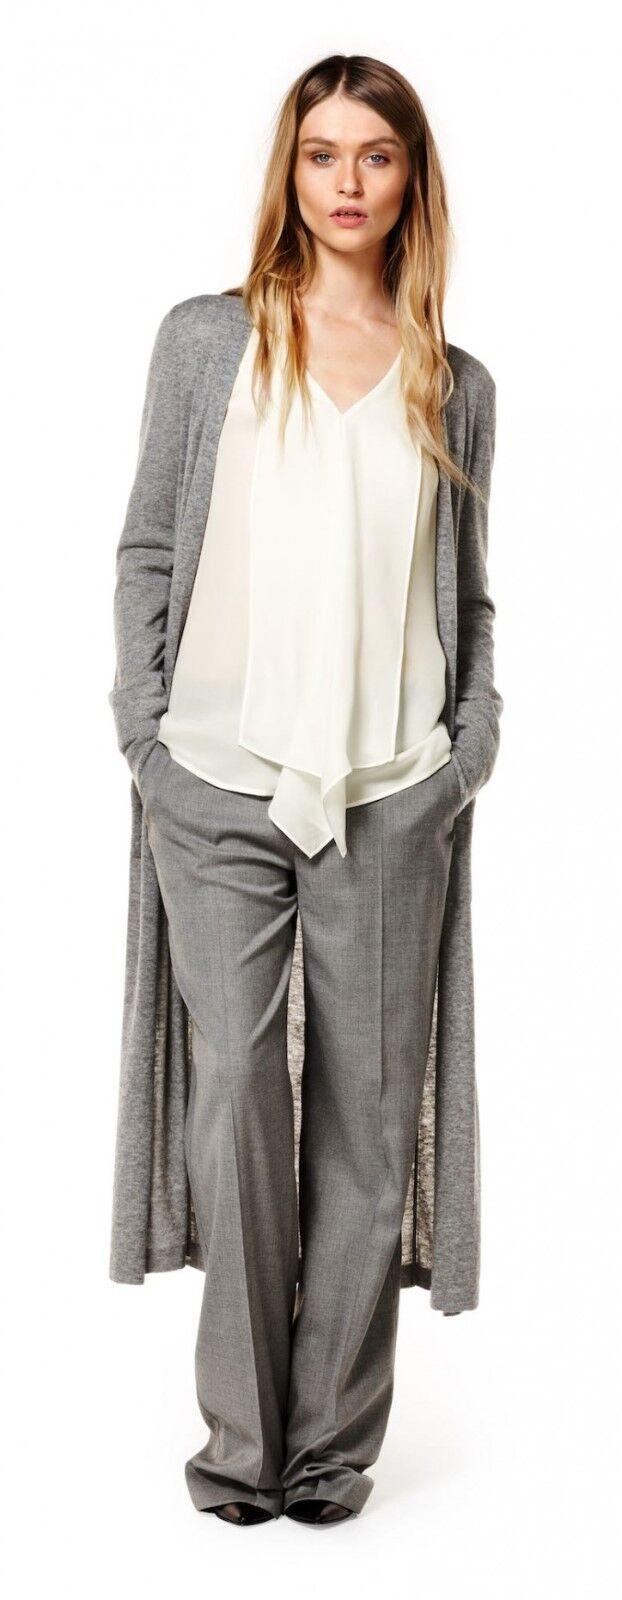 Laurel Klassische Hose aus einer hochwertigen Woll-Mischung,Farbe grey, Größe 40